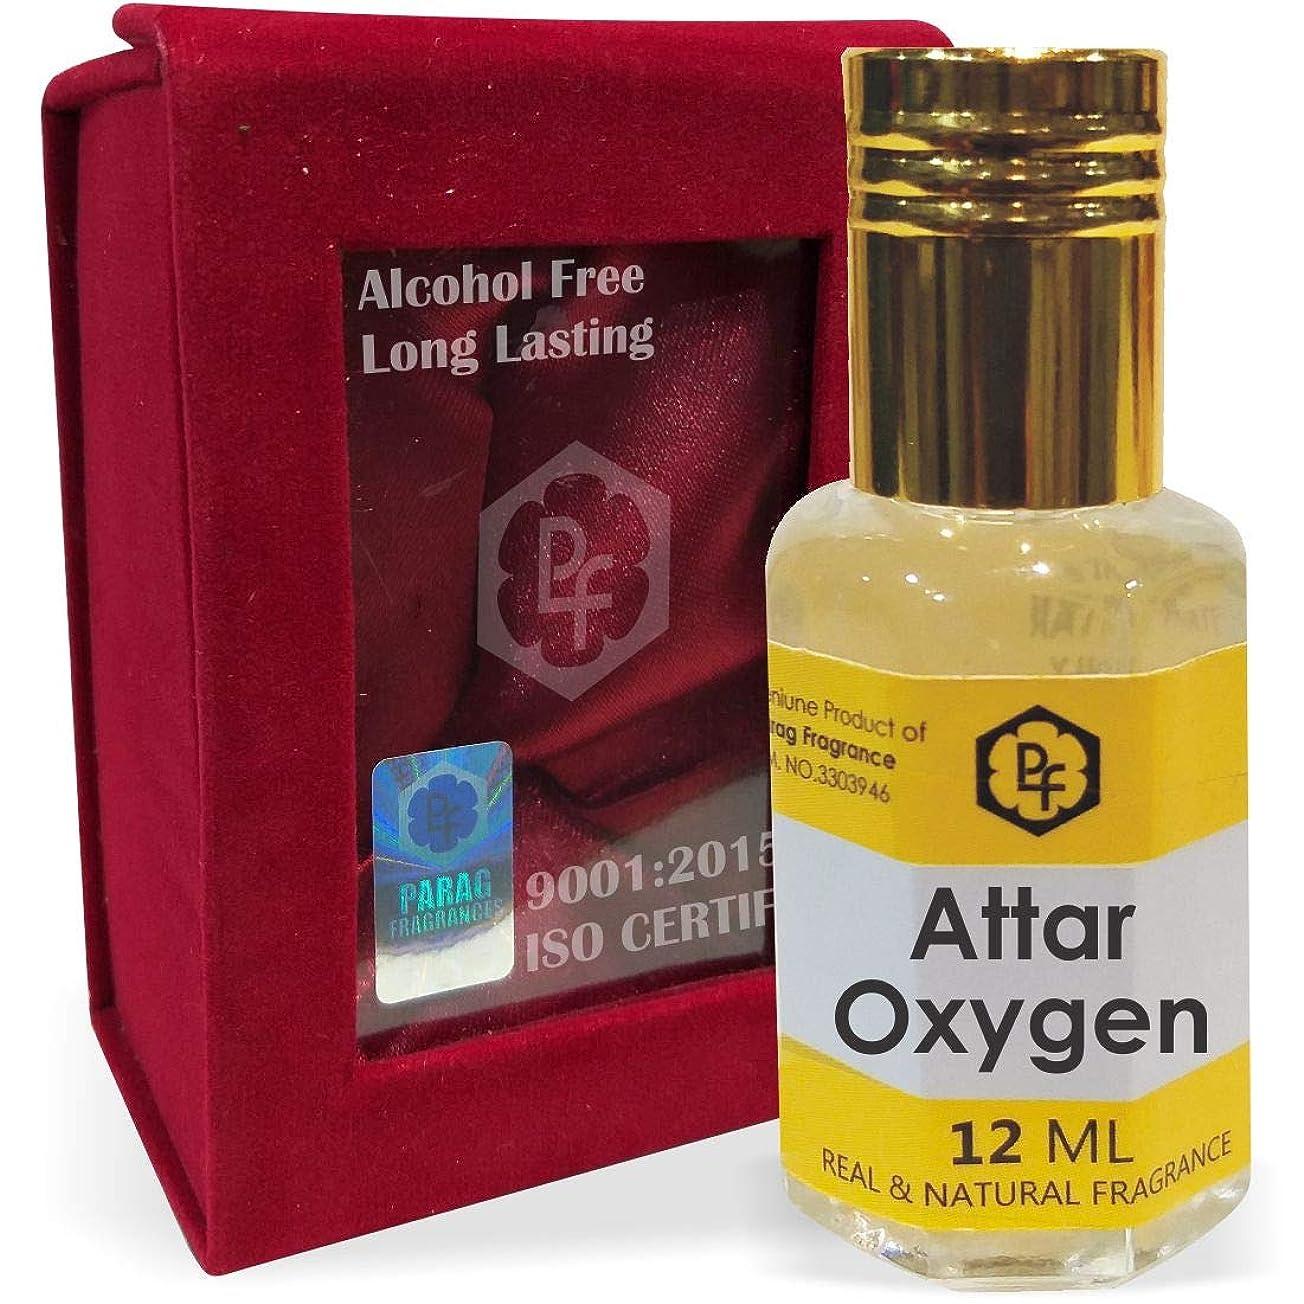 ジョブ多分ラベンダーParagフレグランス酸素12ミリリットル手作りベルベットボックスアター/香水(インドの伝統的なBhapka処理方法により、インド製)オイル/フレグランスオイル|長持ちアターITRA最高の品質